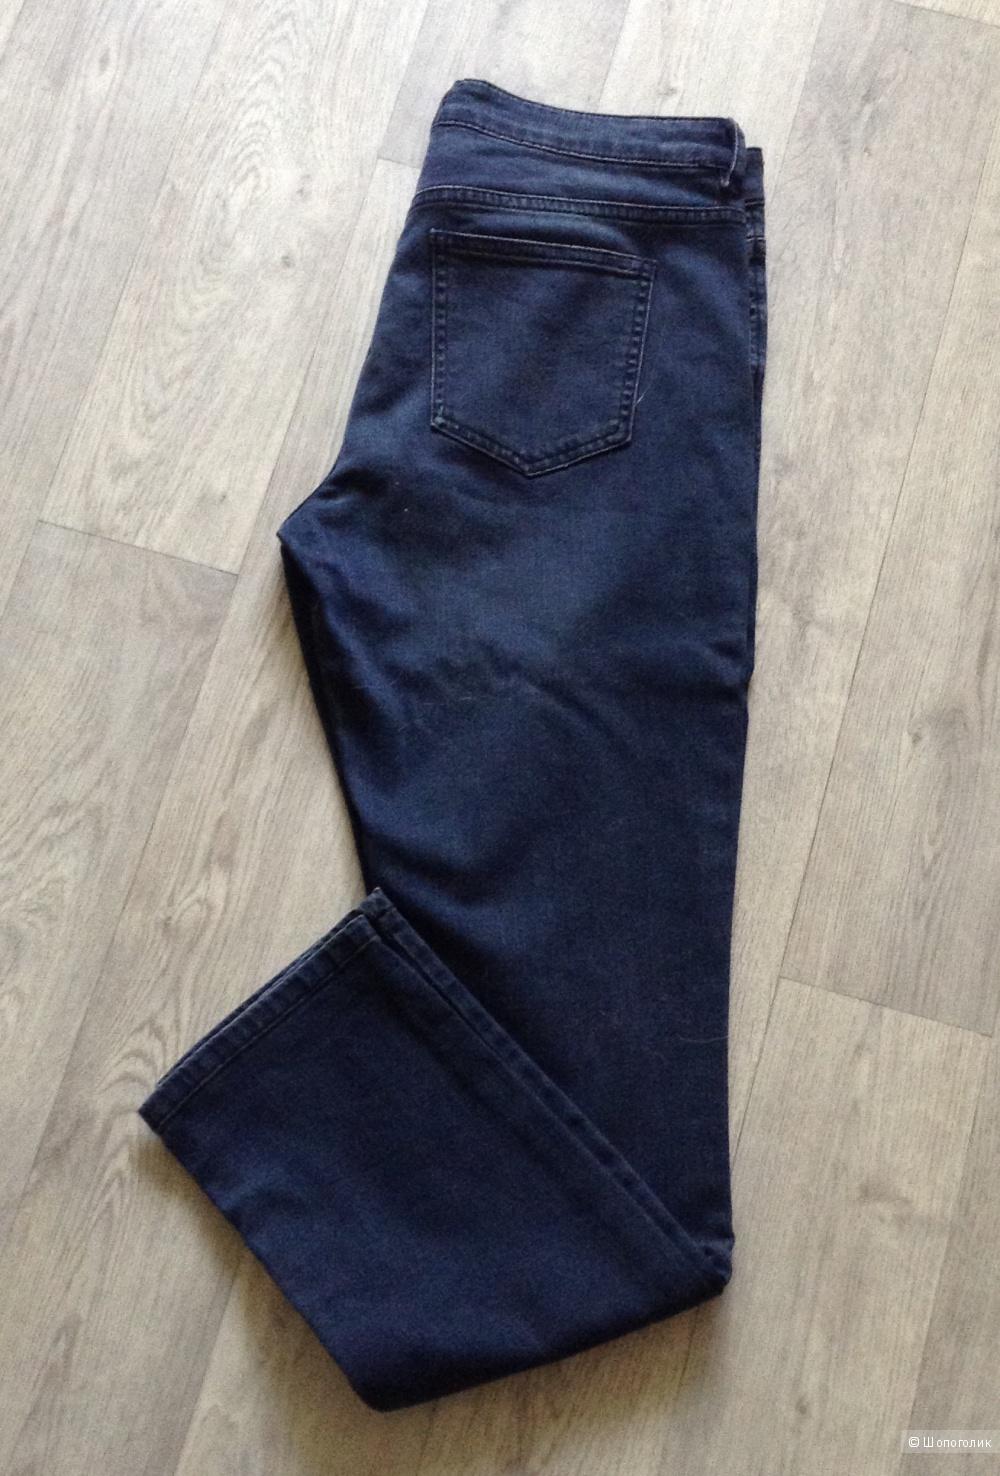 Комплект футболка Lost ink размер 46-48, джинсы ASOS размер 30 (48)